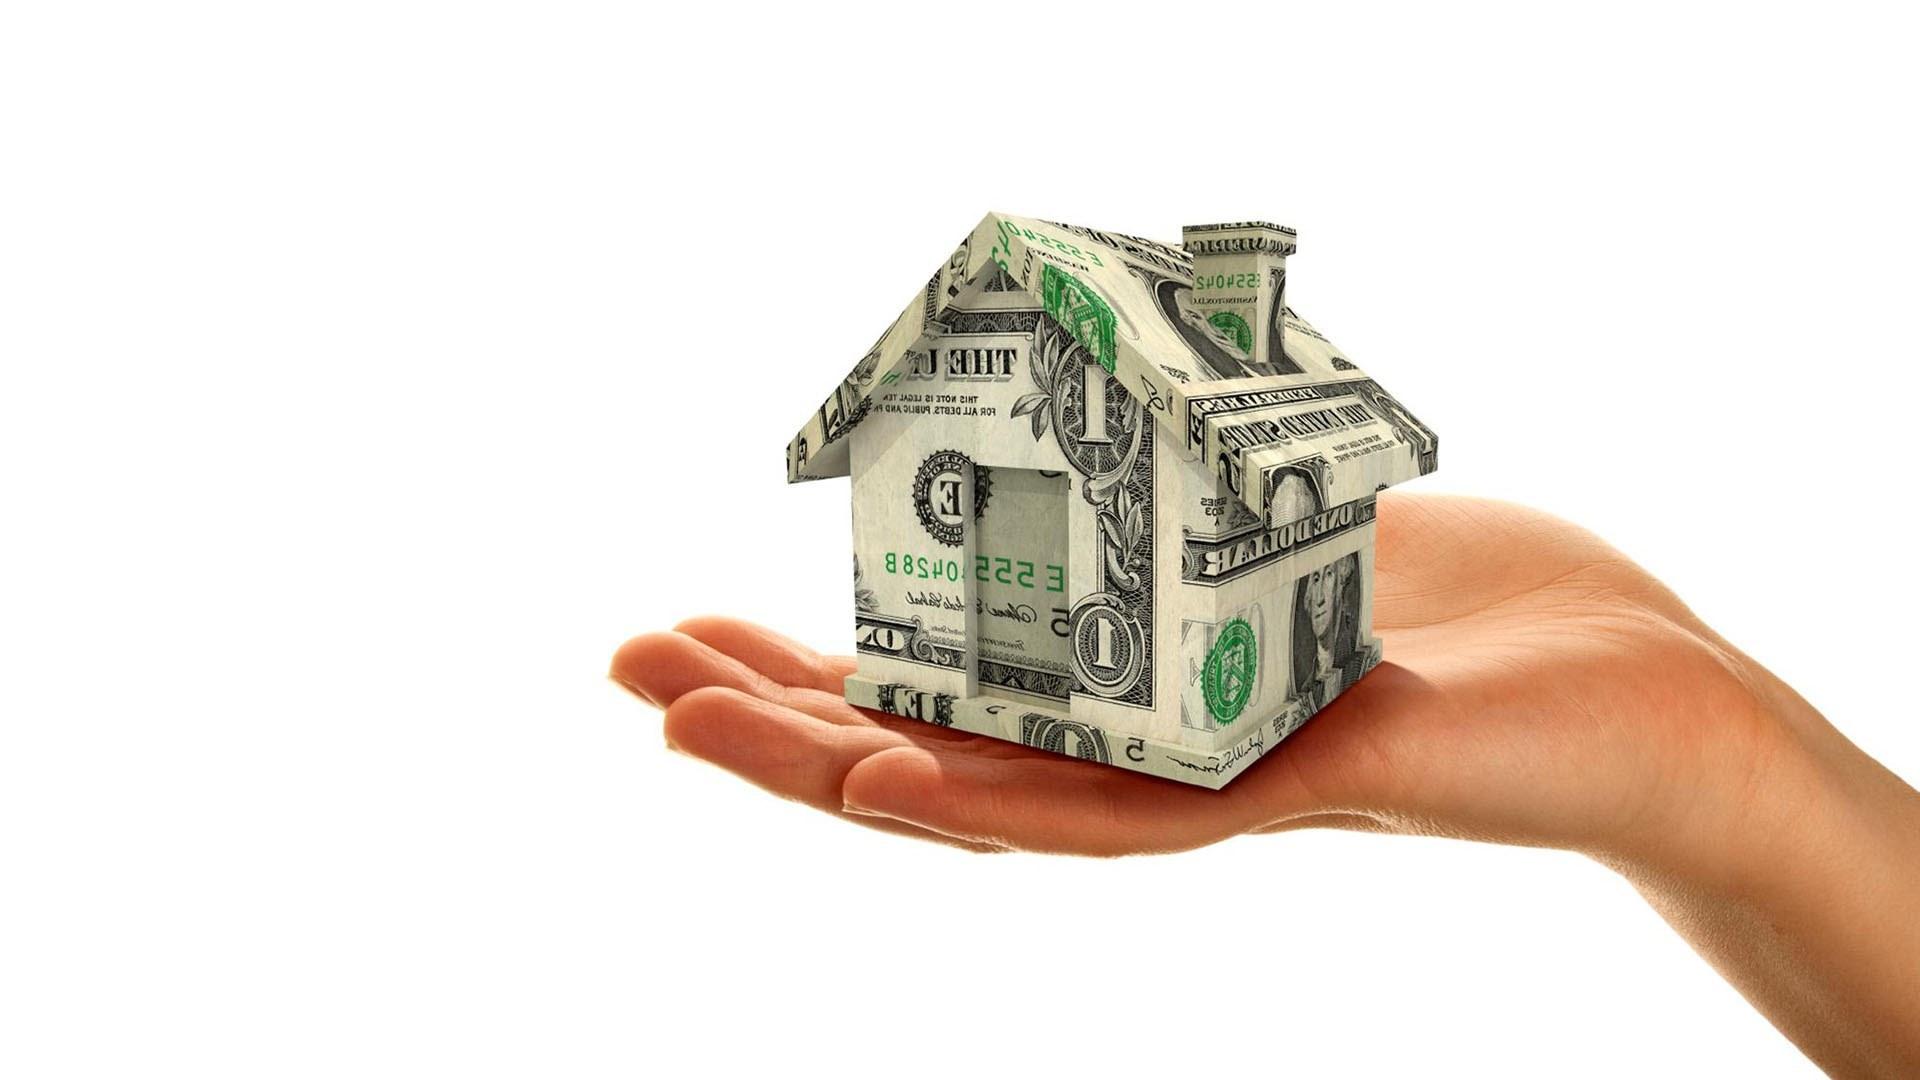 Кредит под залог саратов возврат денег по страховке потребительского кредита